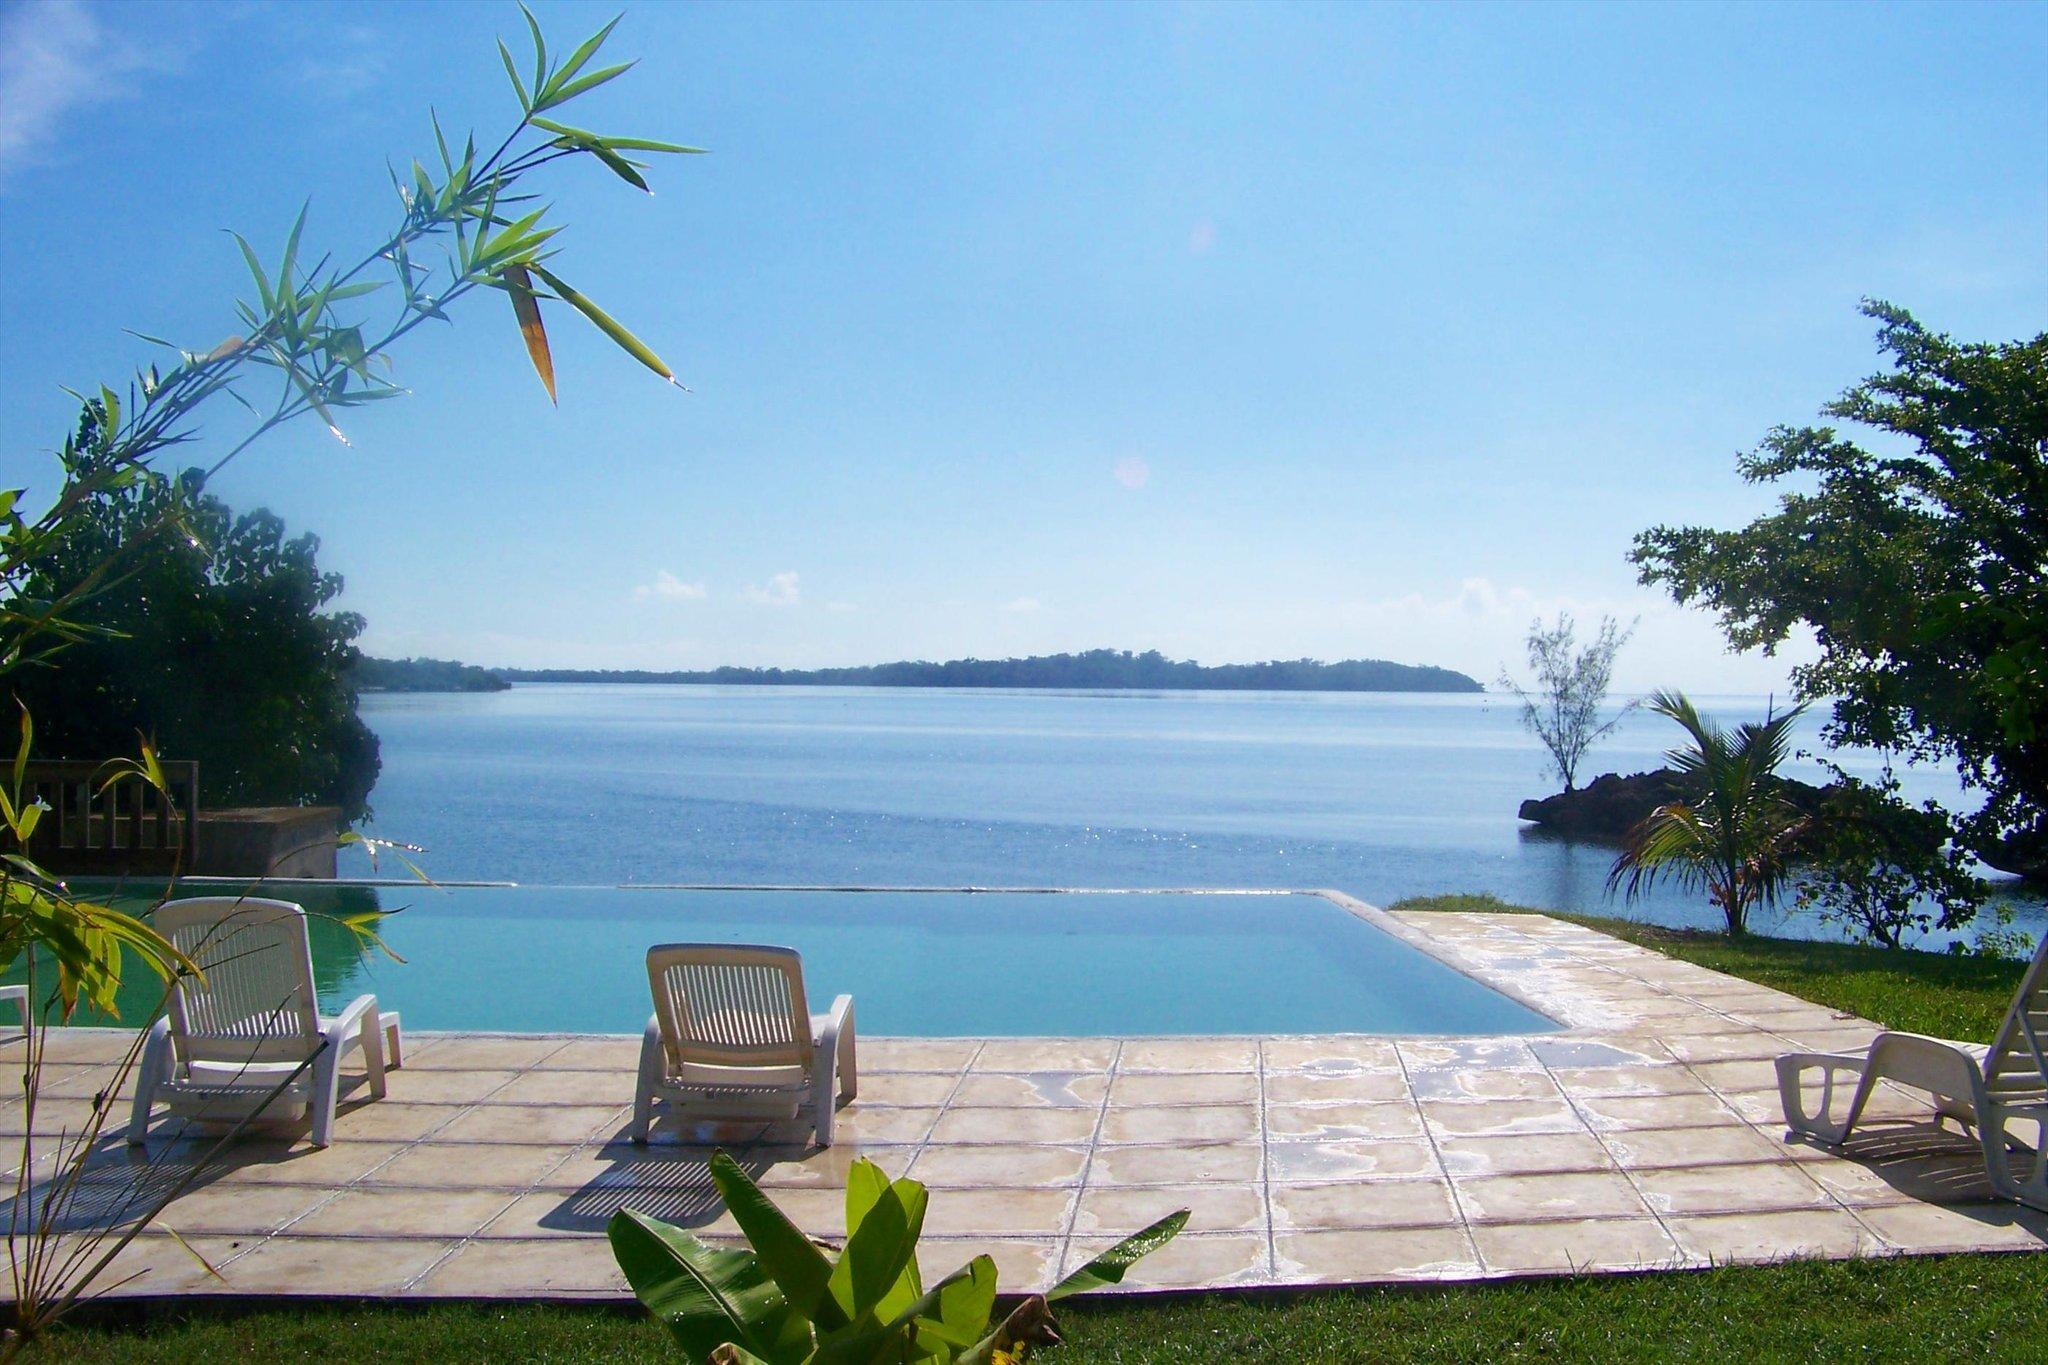 Rhodes Beach Resort Negril